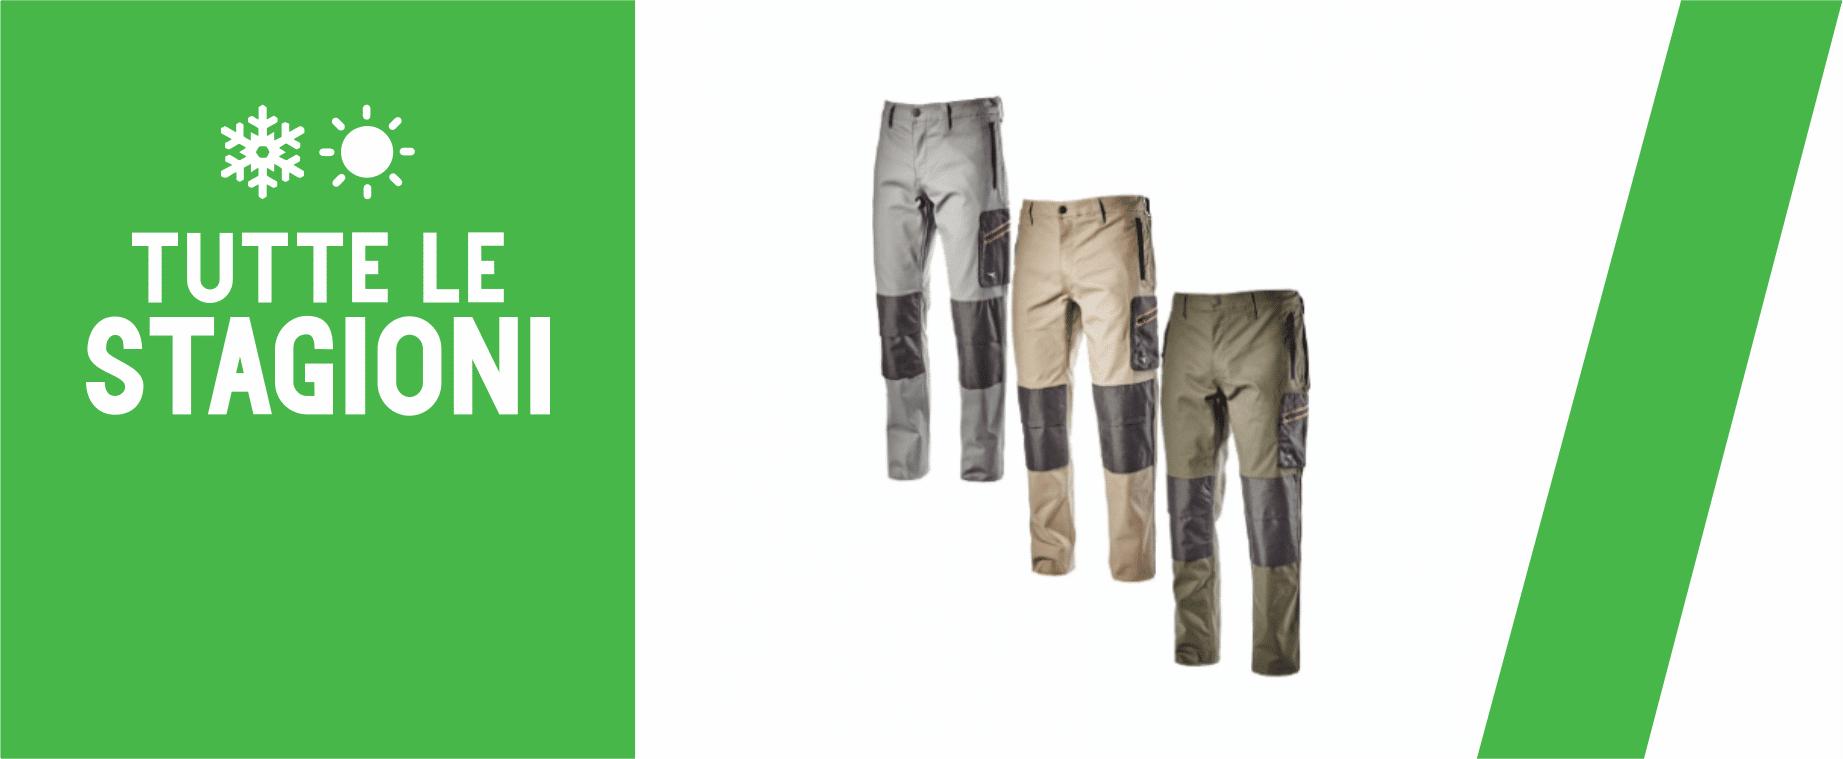 Pantaloni da lavoro per tutte le stagioni